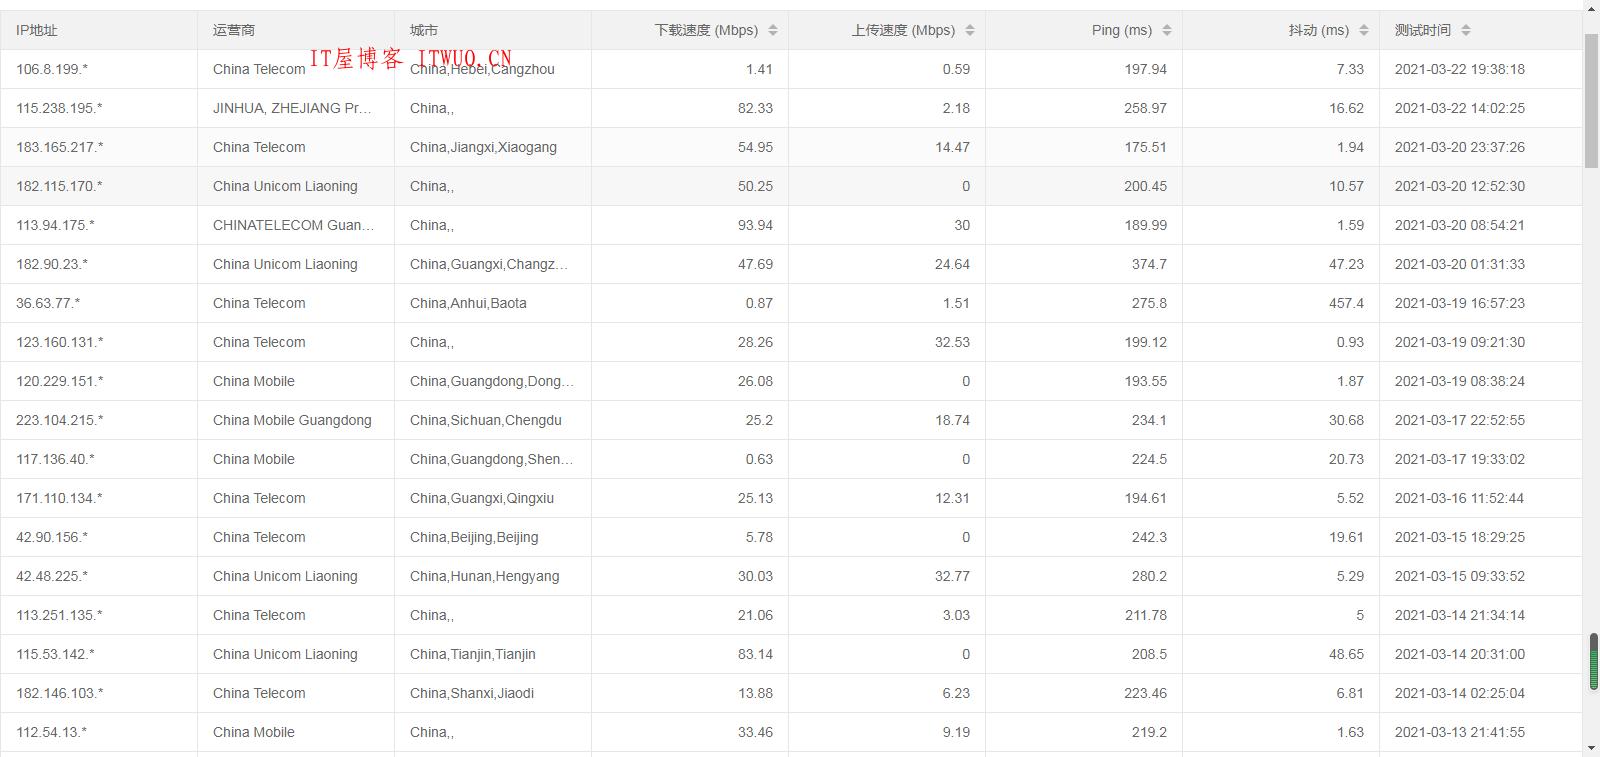 speedtest-x 网站服务器网络测试源码, speedtest-x 网站服务器网络测试源码 测速 MySQL 速度 网站测试 网站服务器 程序测试 网站服务器网络测试 第2张,测速,MySQL,速度,网站测试,网站服务器,程序测试,speedtest-x,网站服务器网络测试,第2张